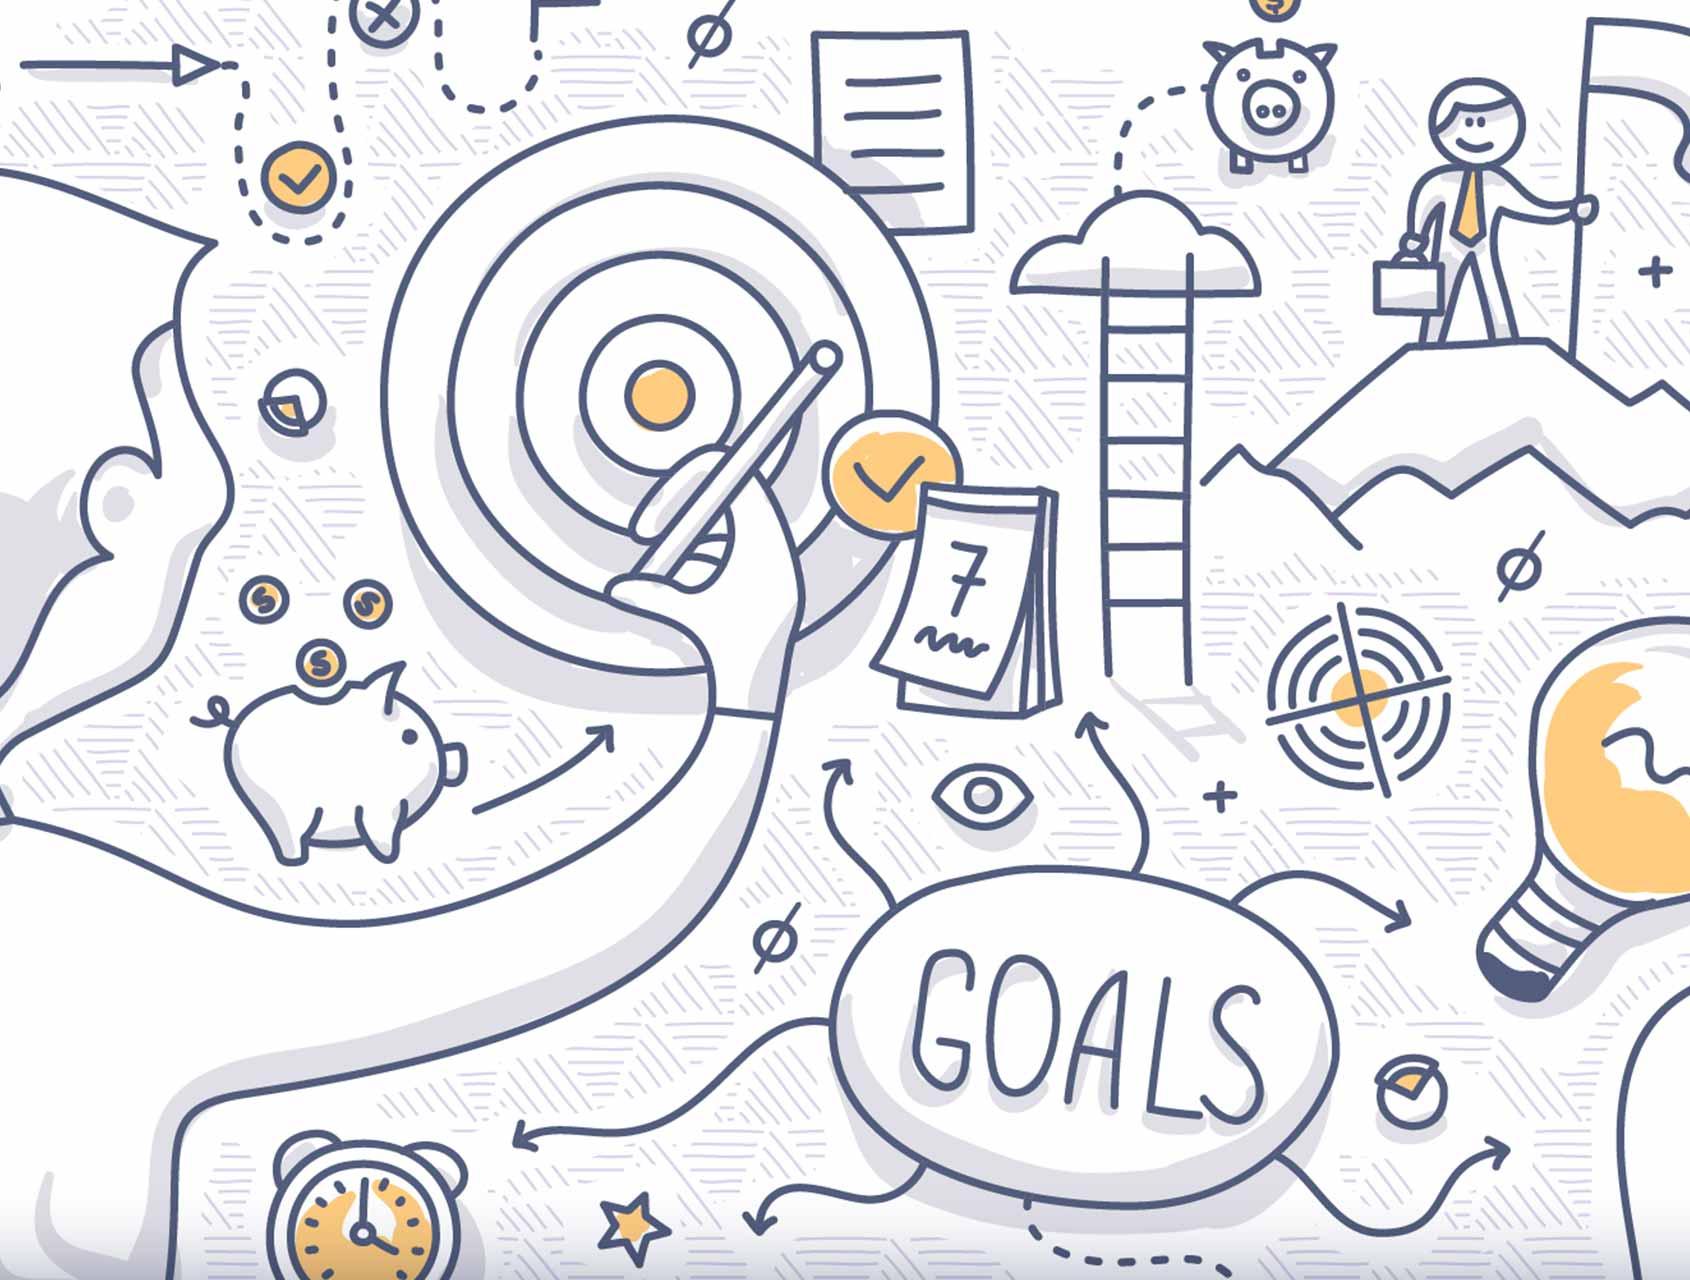 Dal CRM al marketing automation: integrazione totale e best practices